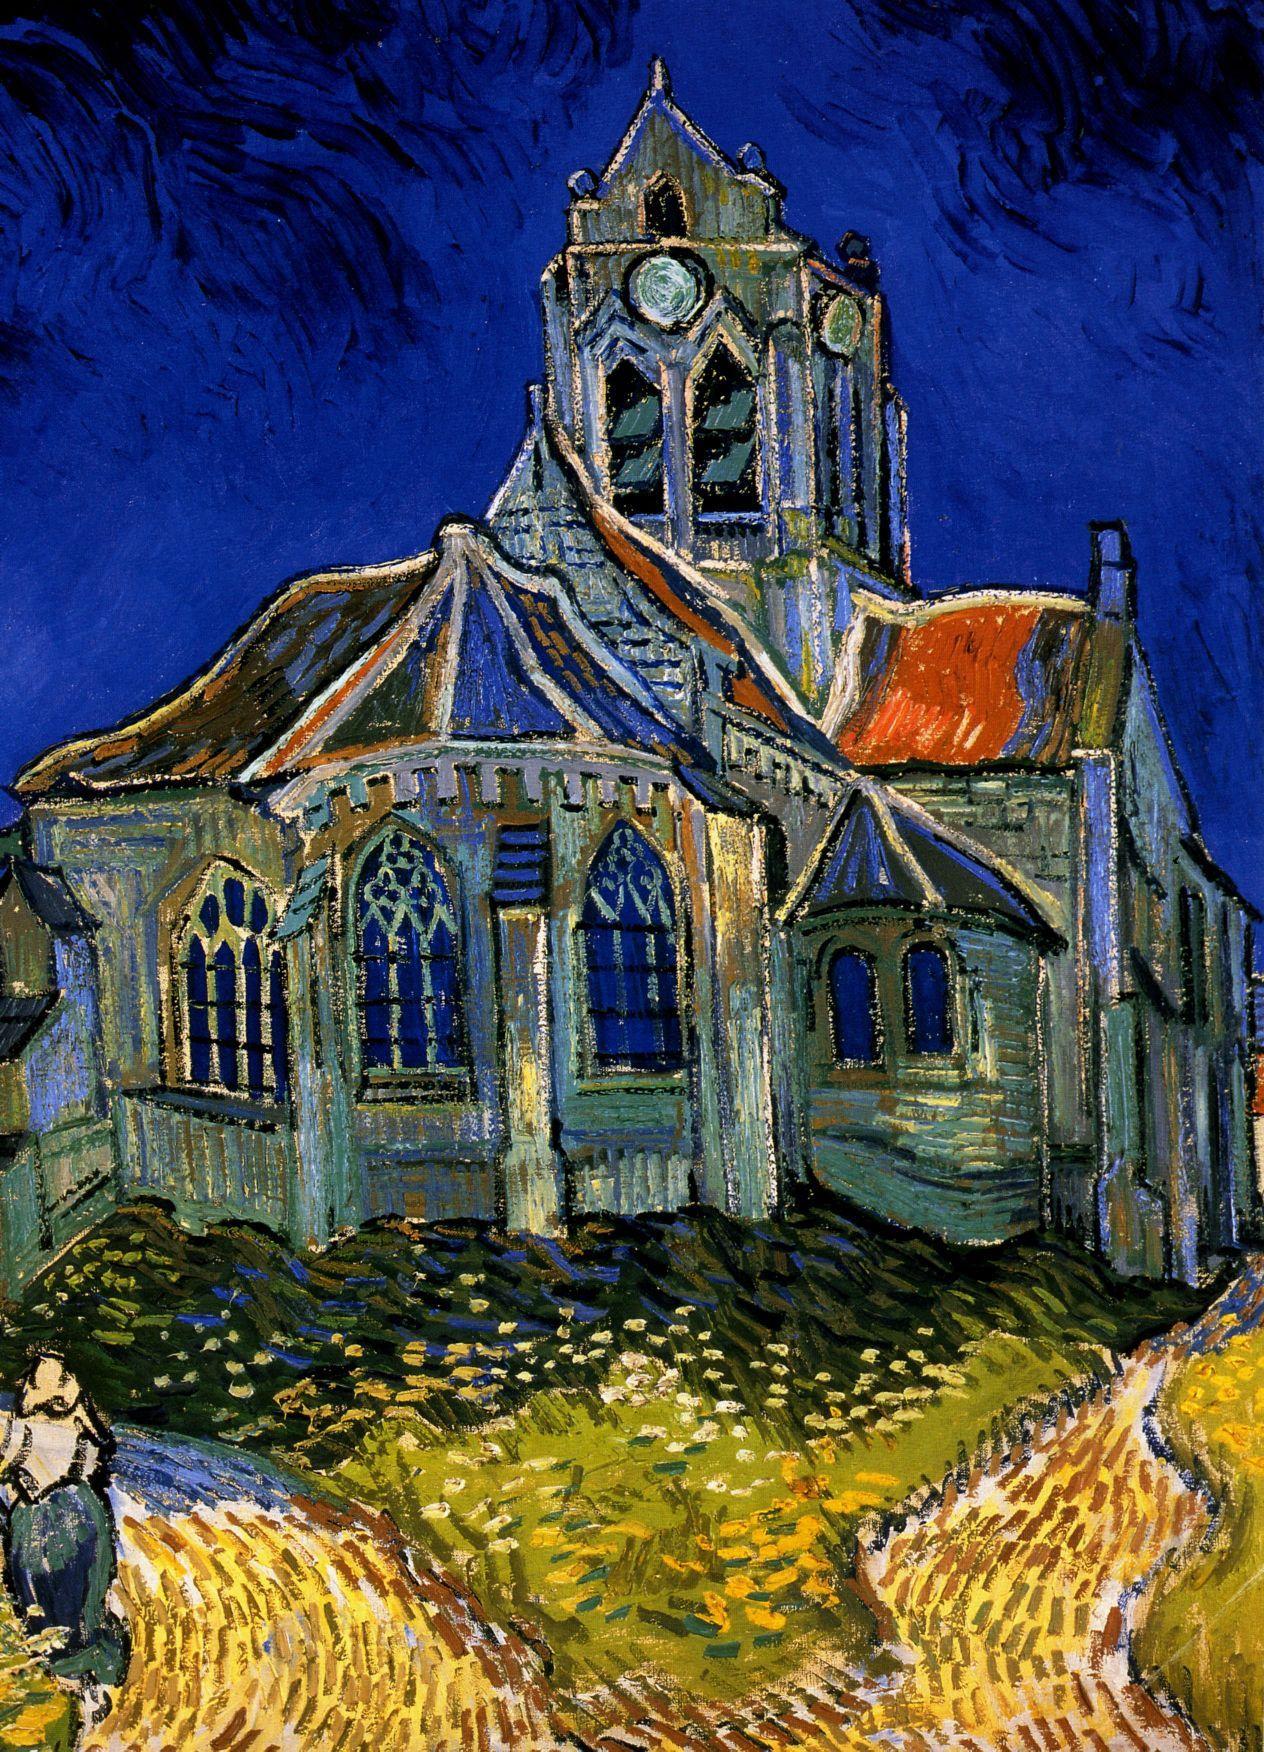 vincent van gogh paintings - Google Search | Vincent van ...